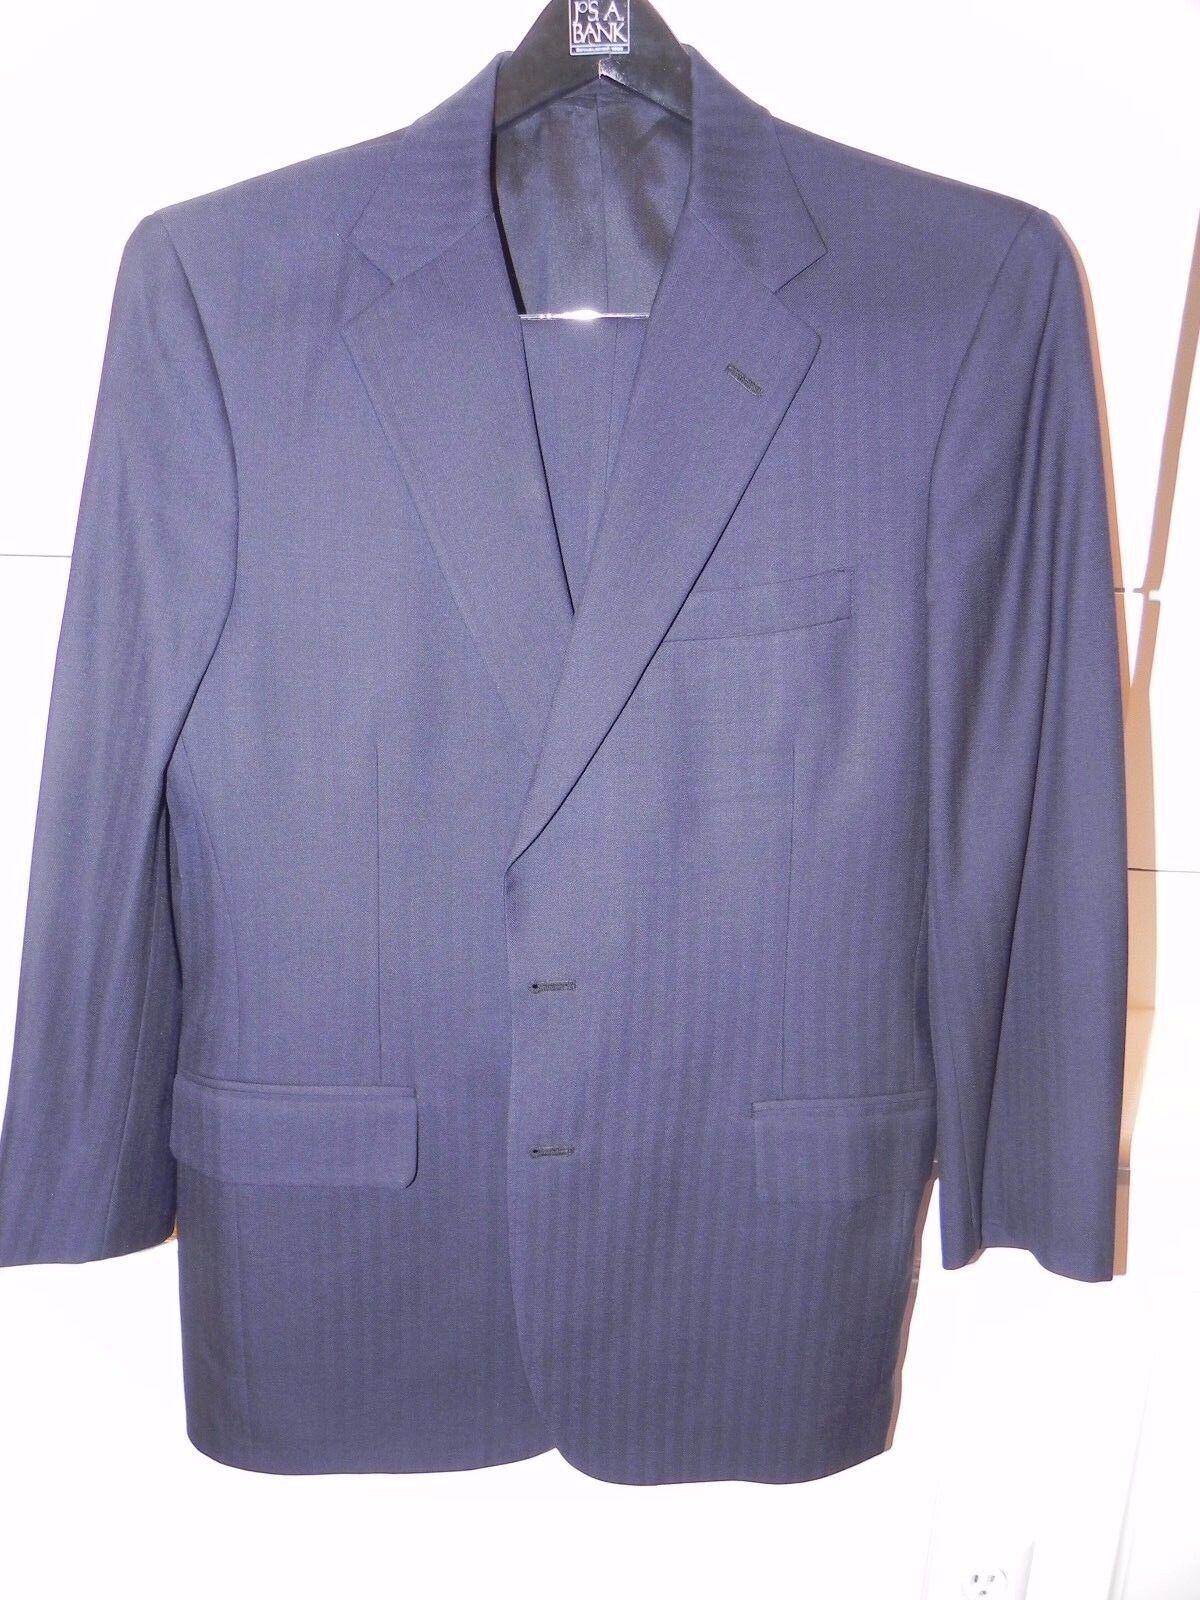 Tom James Custom Bespoke Suit Navy Blau Blau Wool  Herringbone 40 R